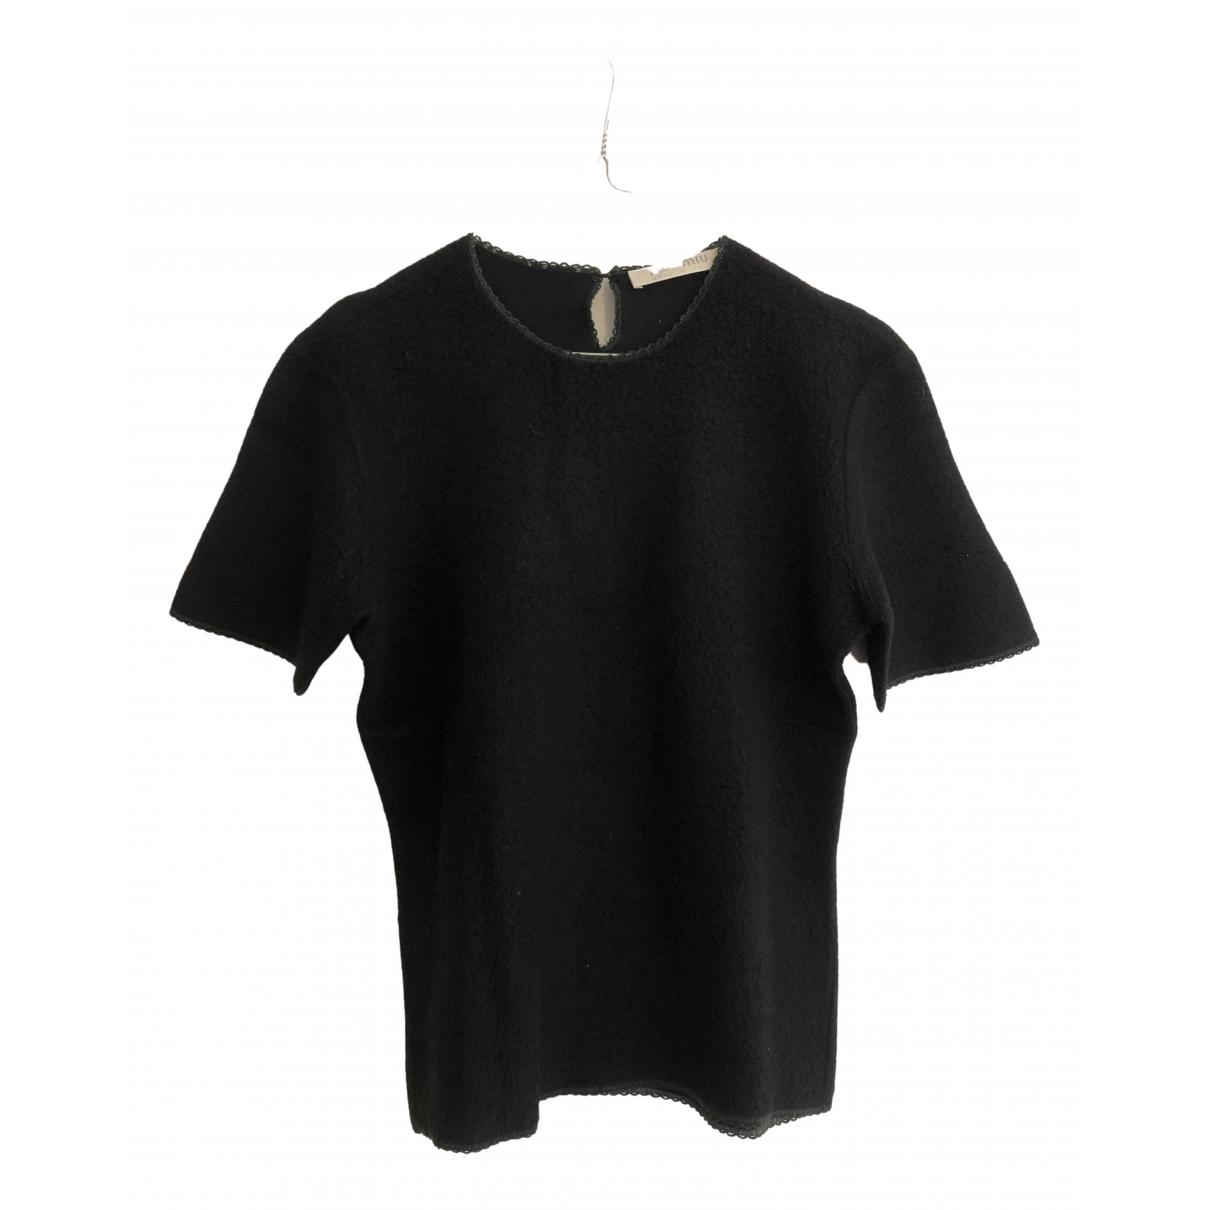 Camiseta de Lana Miu Miu